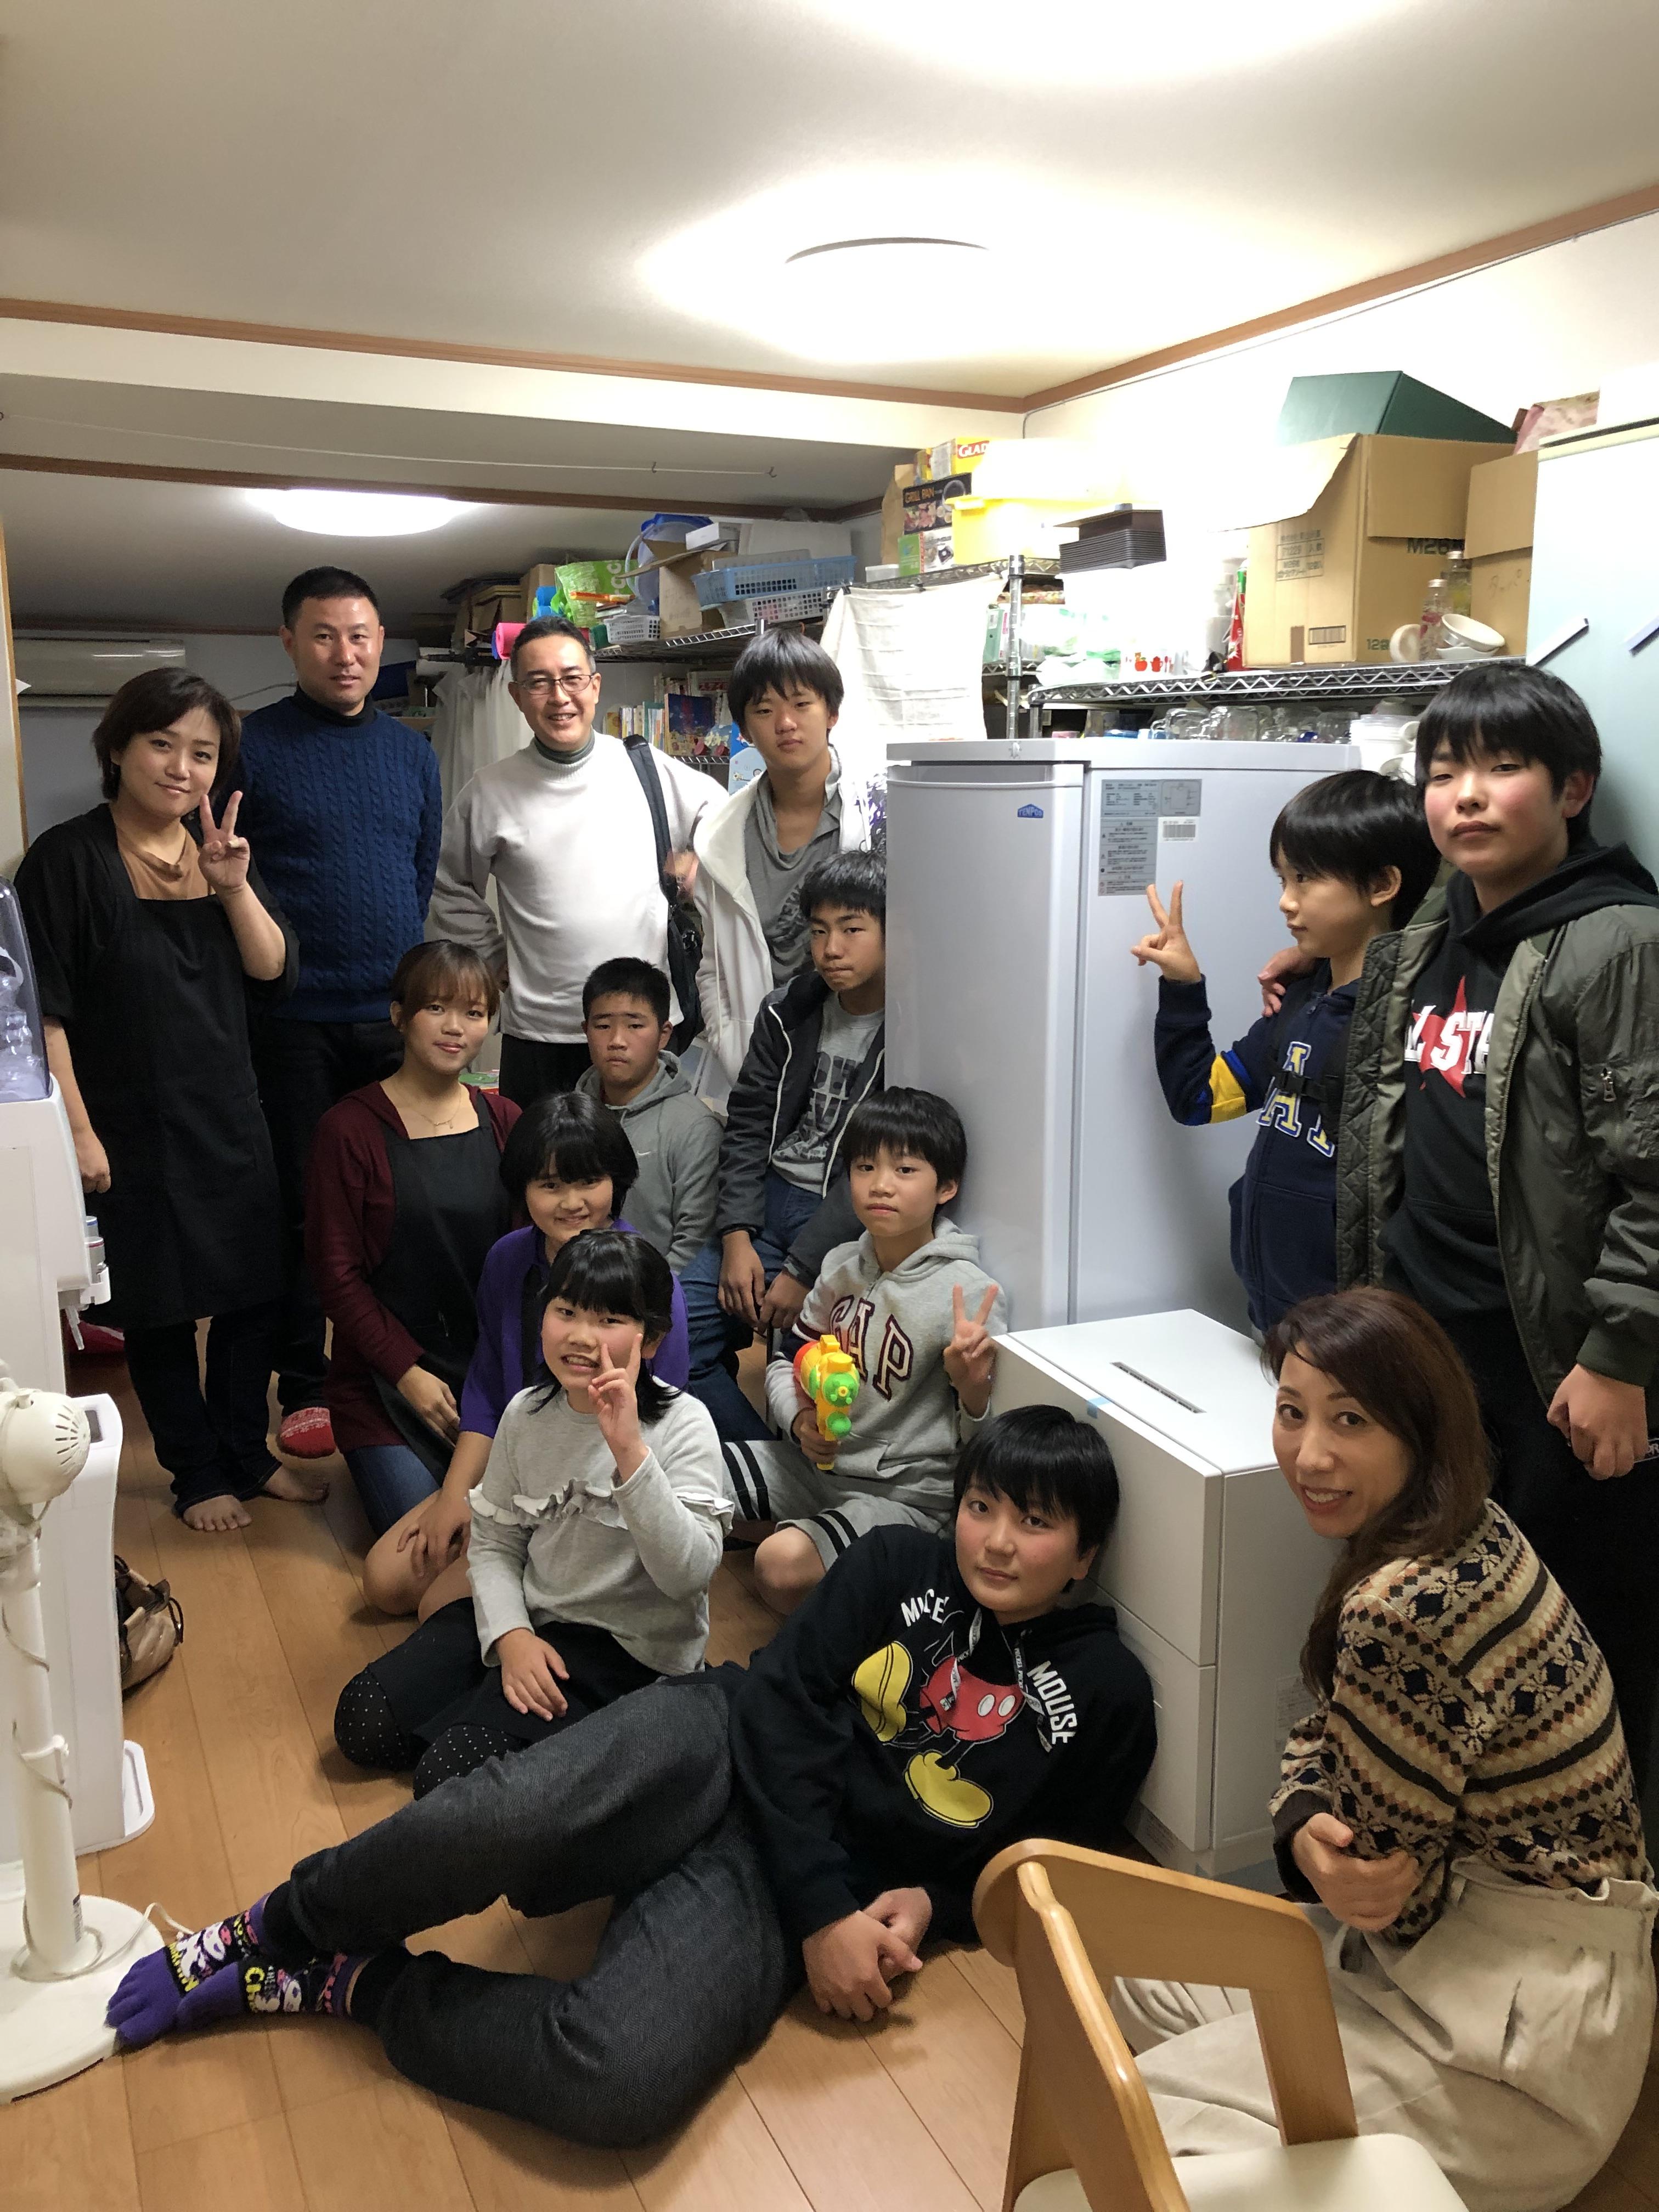 大和鋼業㈱様と子どもとの交流会+食洗機等ご寄贈いただきました